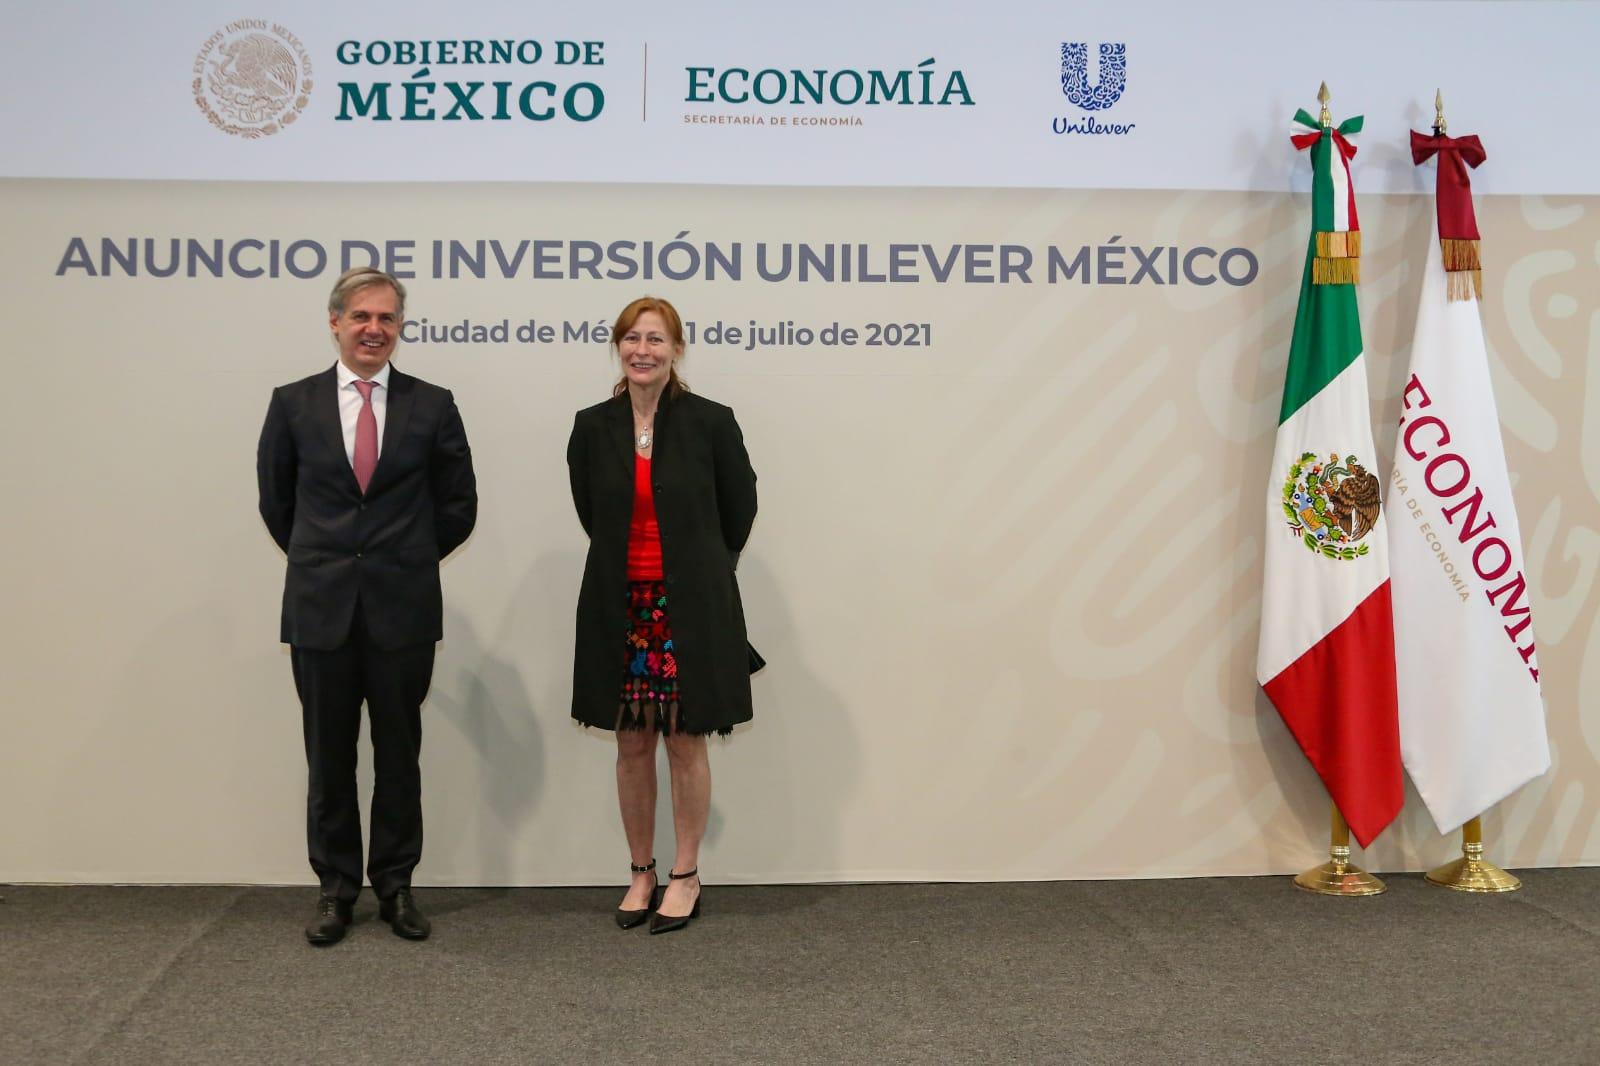 Anuncio de inversión de Unilever en México /@SE_mx